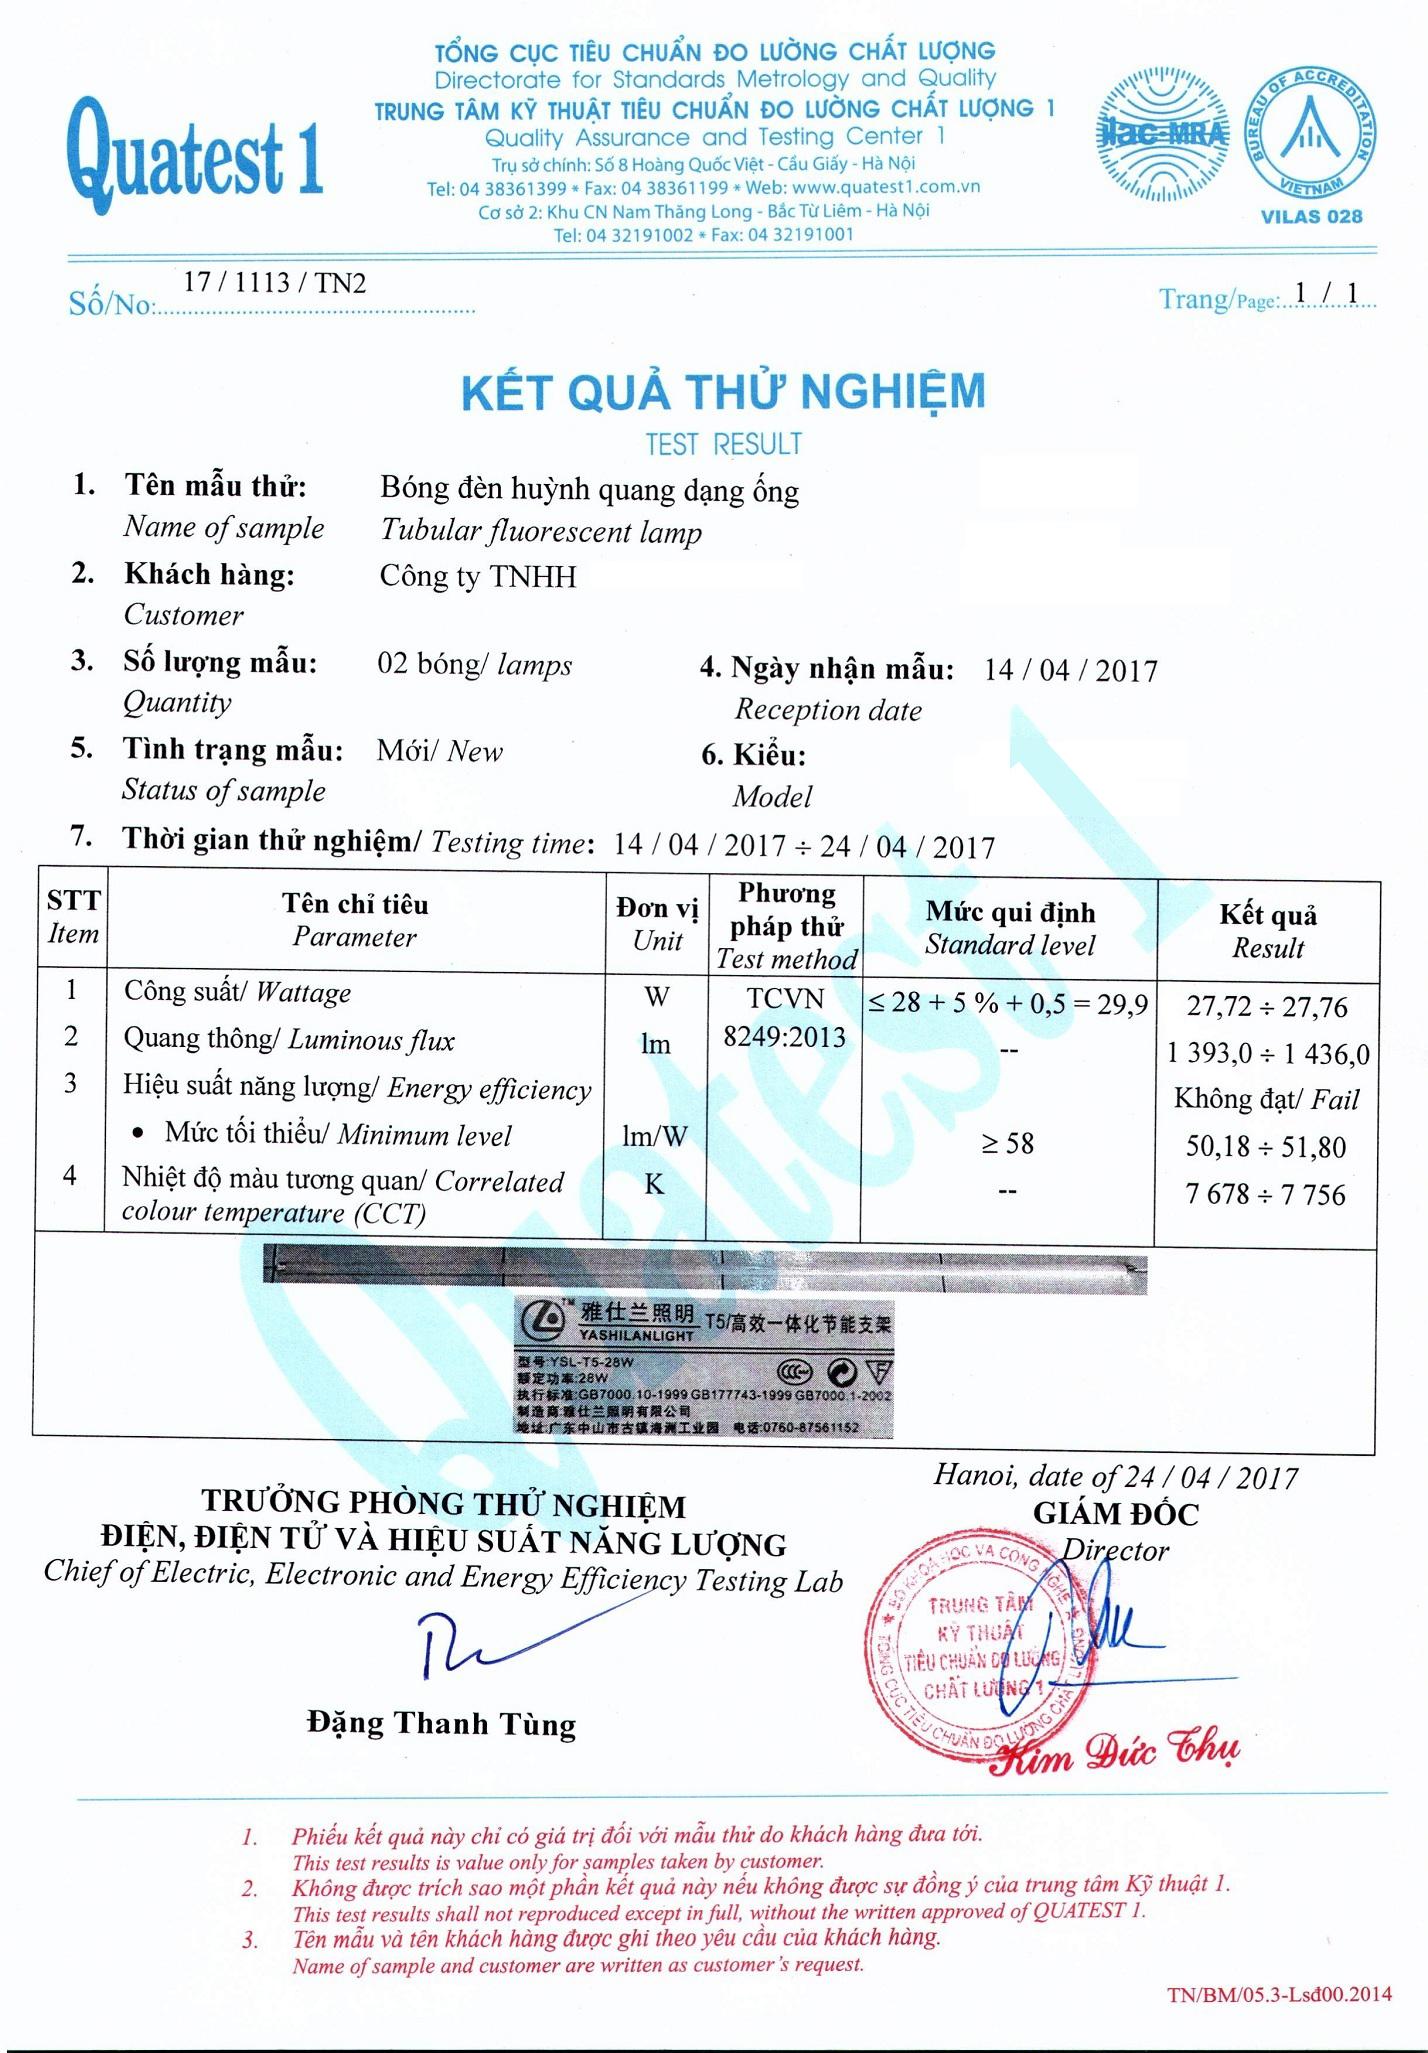 Mẫu Kết Quả Thử Nghiệm Bóng Đèn Huỳnh Quang Dạng Ống